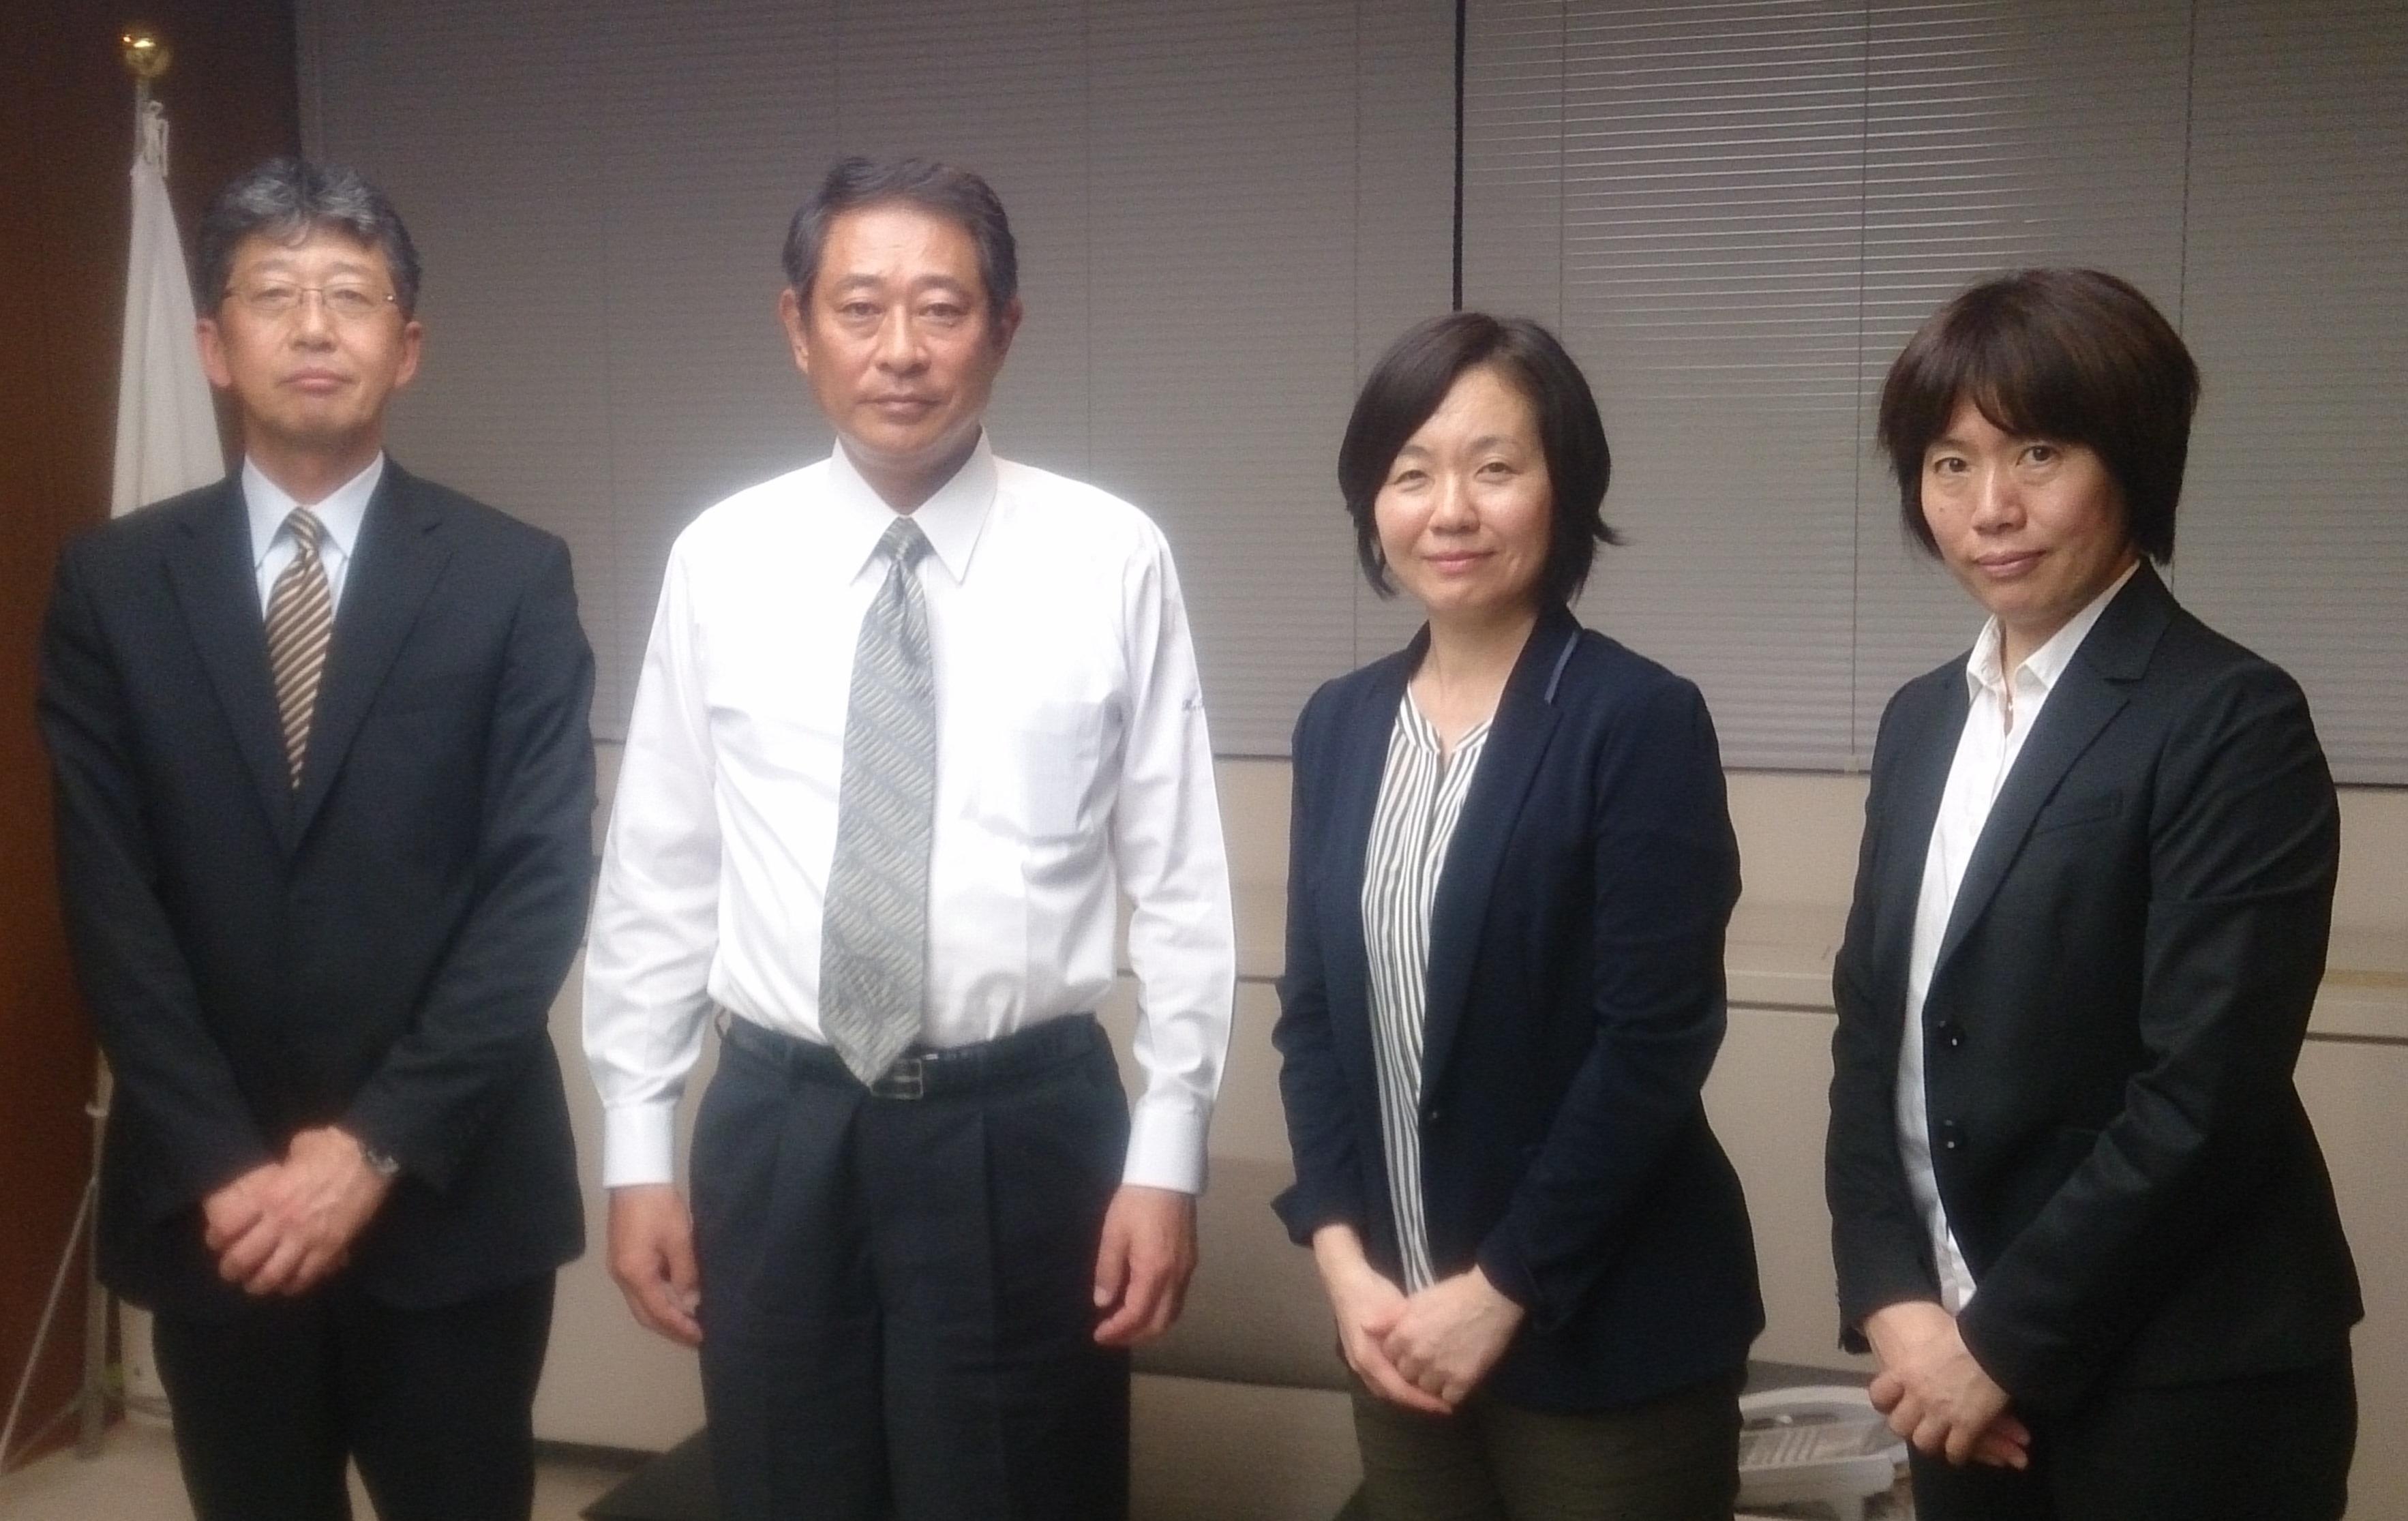 左から庭野理事長、田中区長、奥山組合員常任理事、加藤組合員理事